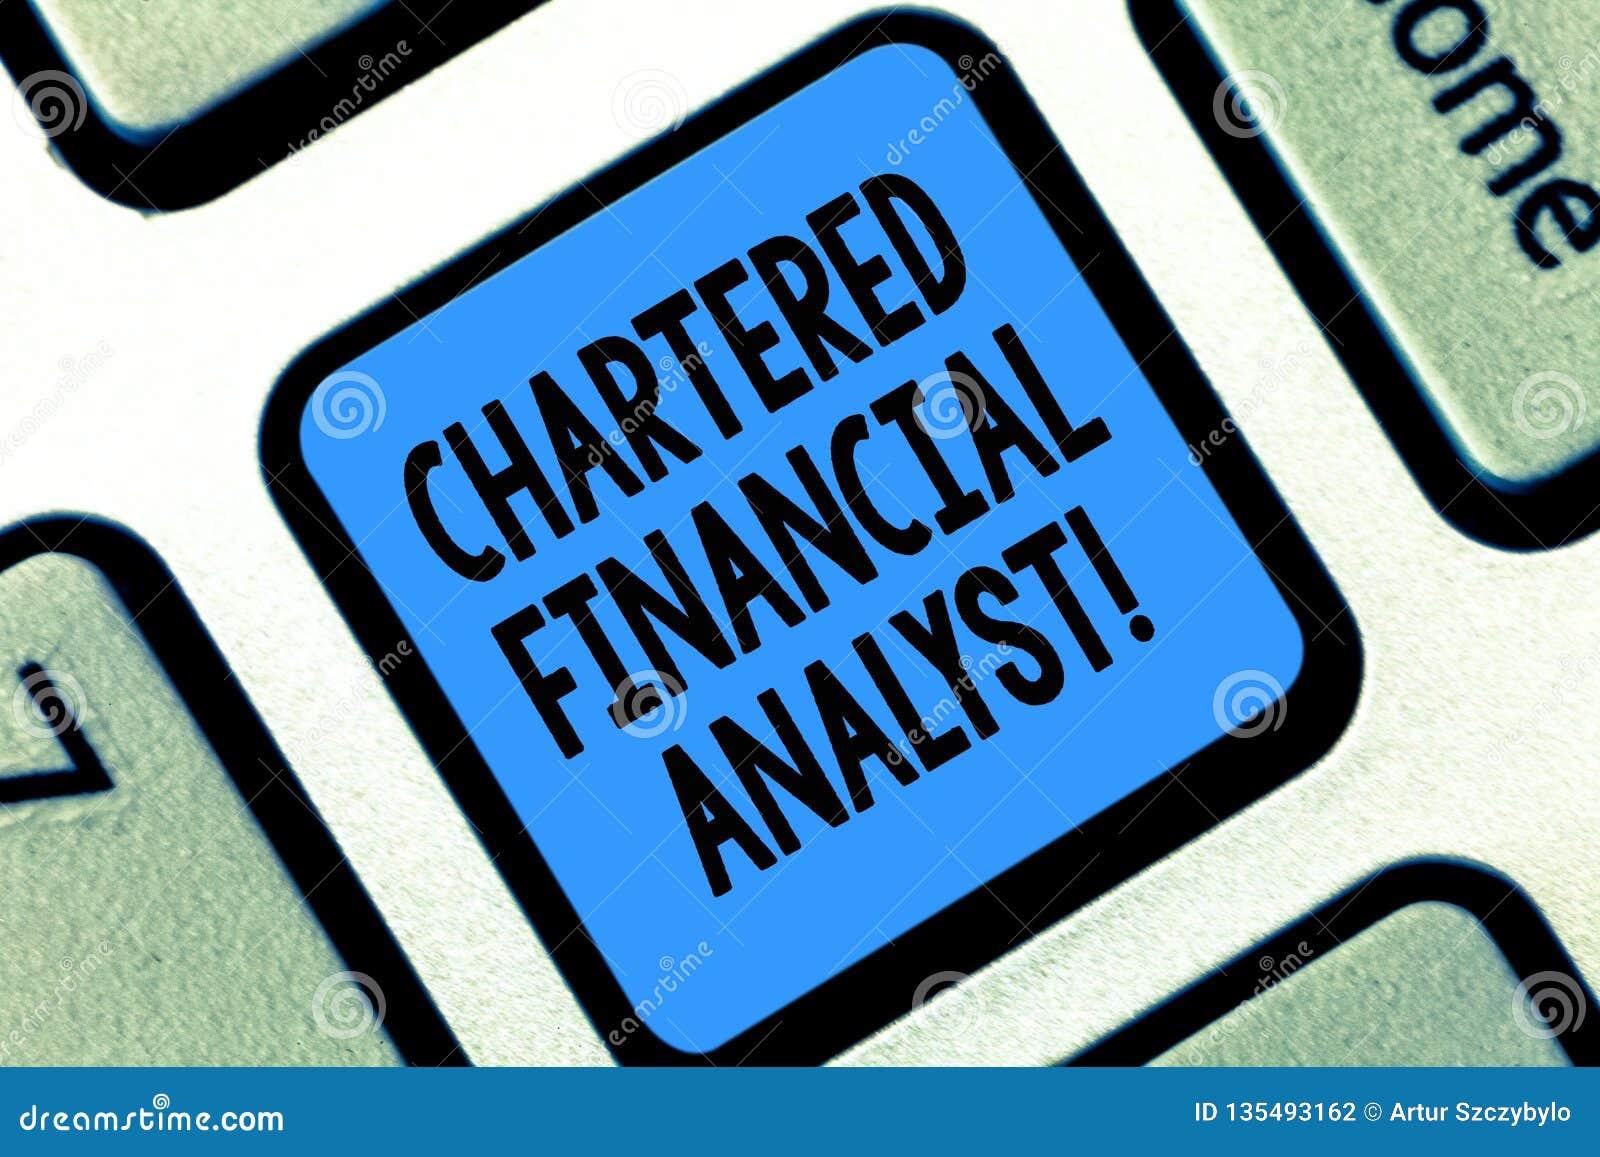 显示被特许的金融分析员概念性照片投资和财政专家的文本标志键盘键